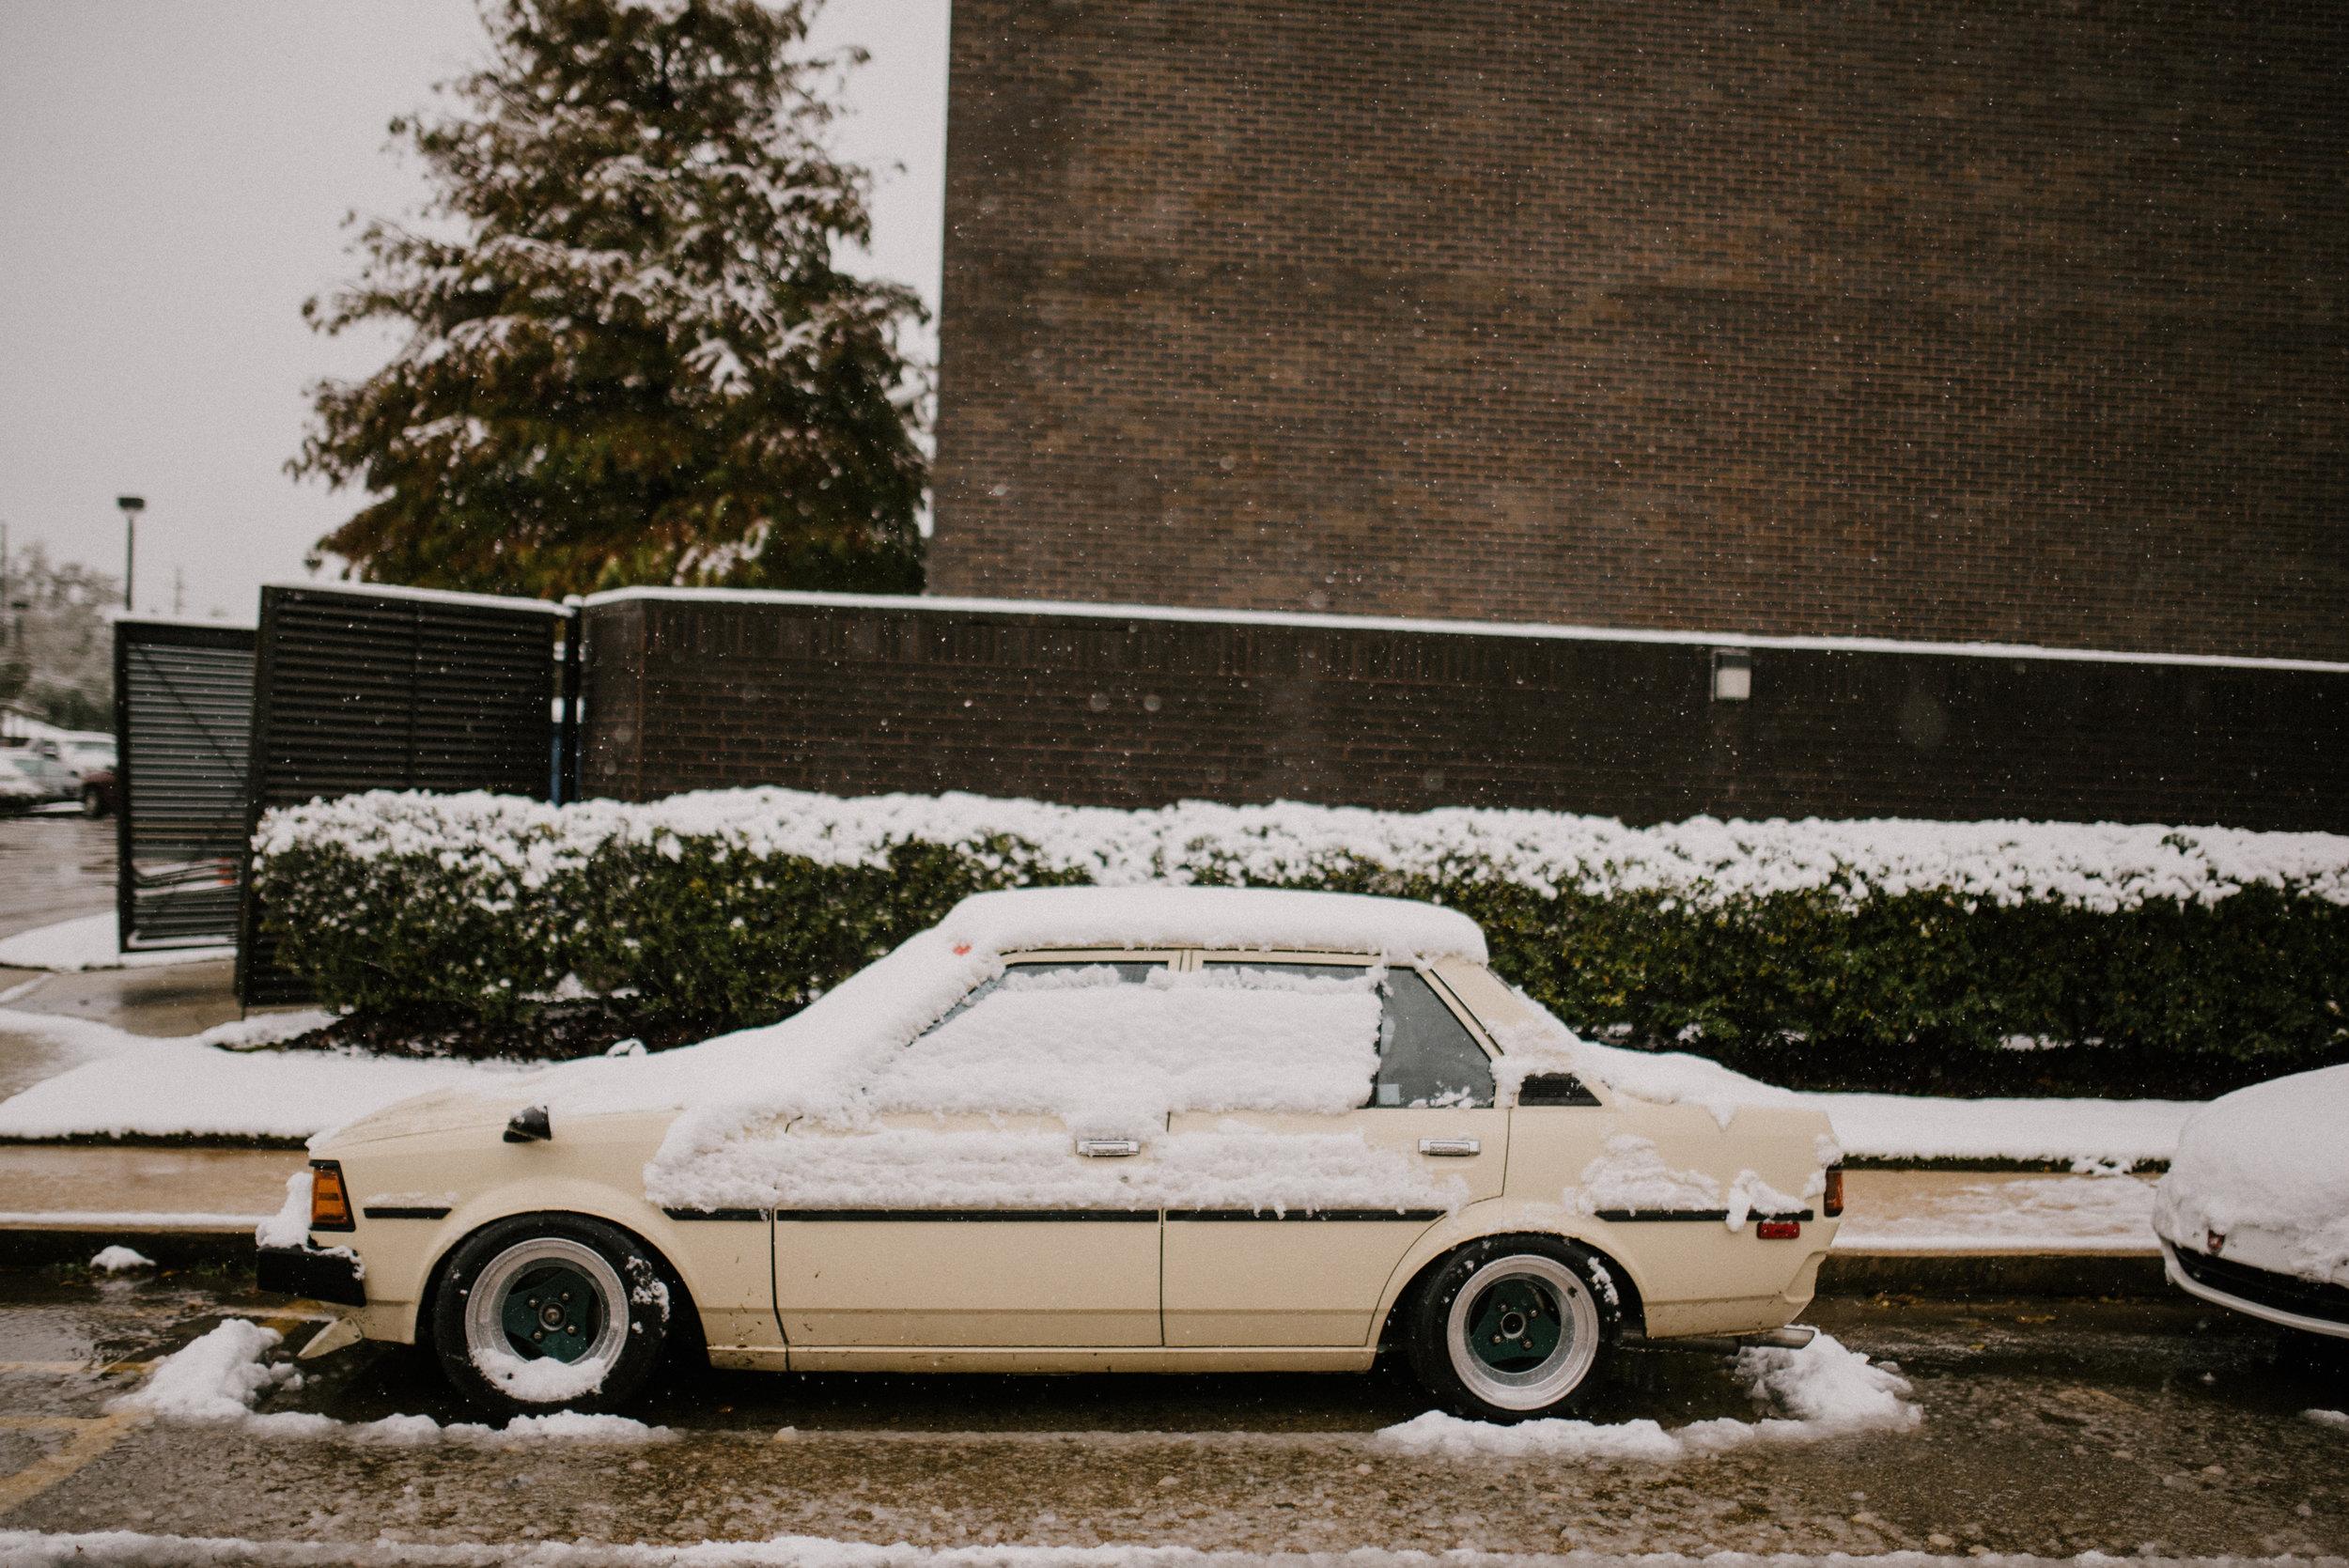 ofRen_snow1-3.JPG